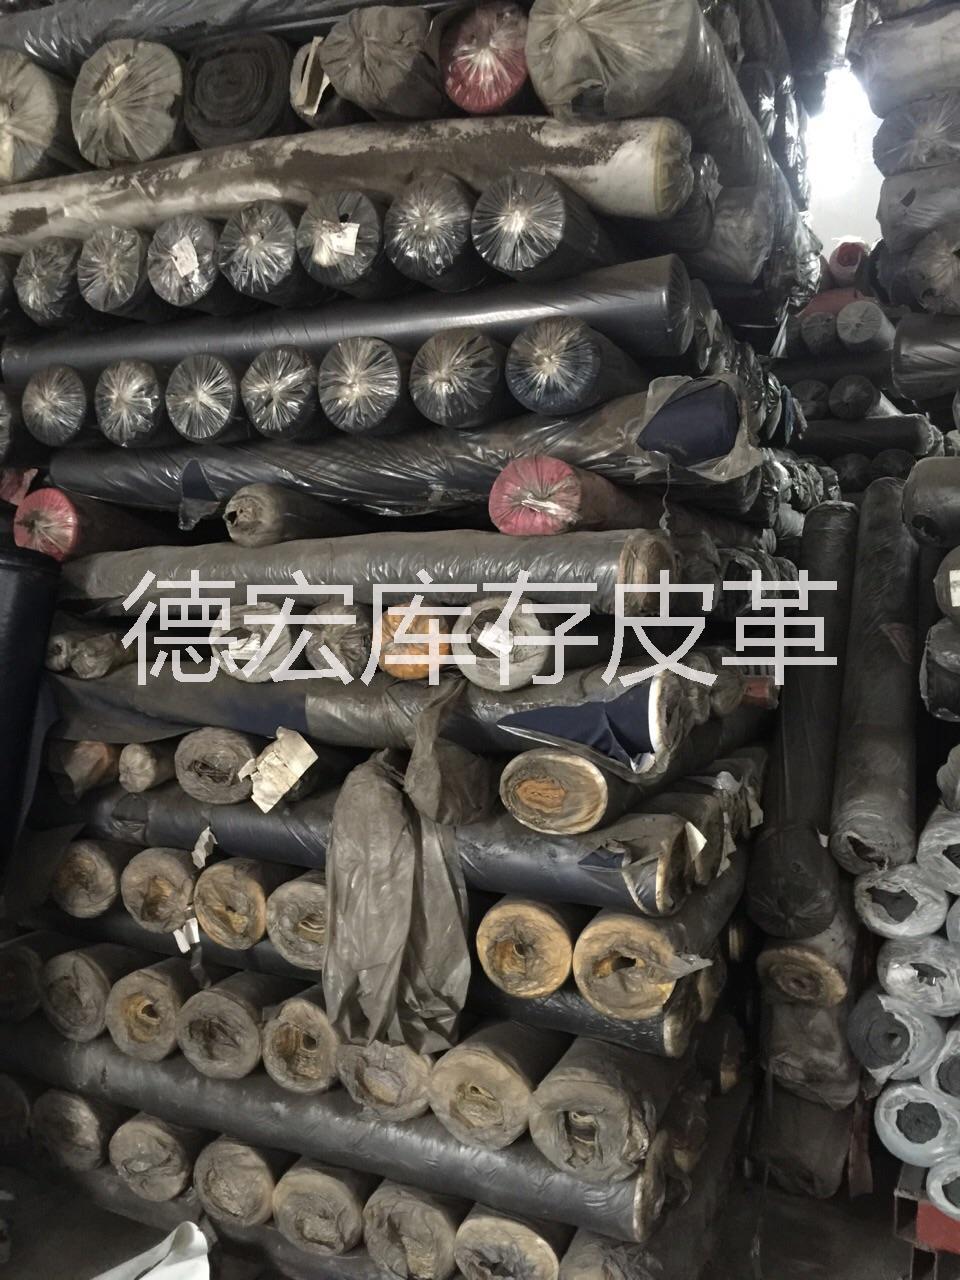 供应用于箱包的高价回收布料厂家 皮革厂家回收 废旧皮革回收